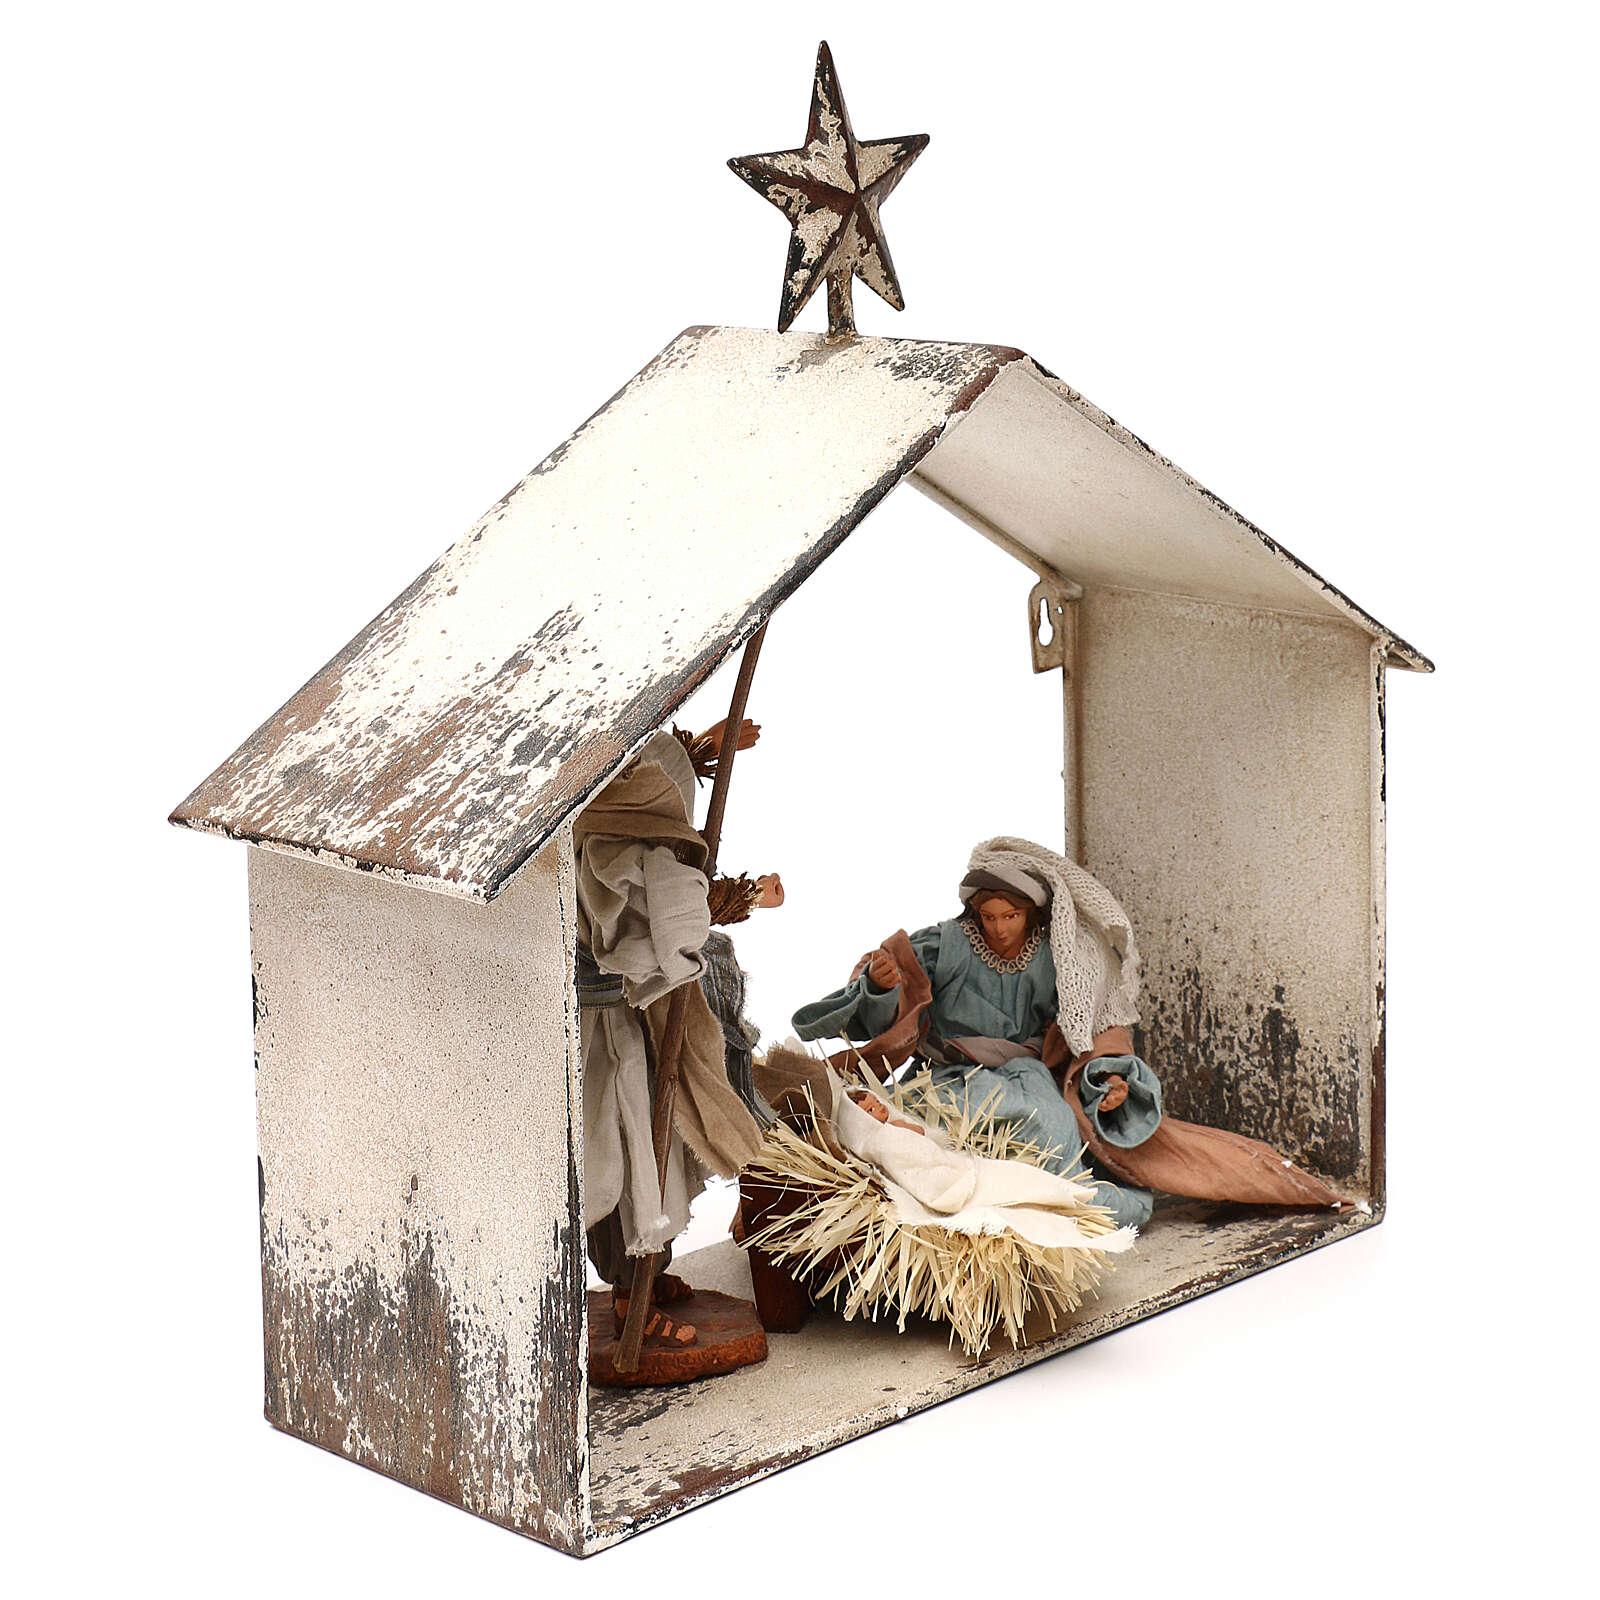 Scena Narodzin 20 cm, styl Shabby Chic, w lampionie 40x30x15 cm 3